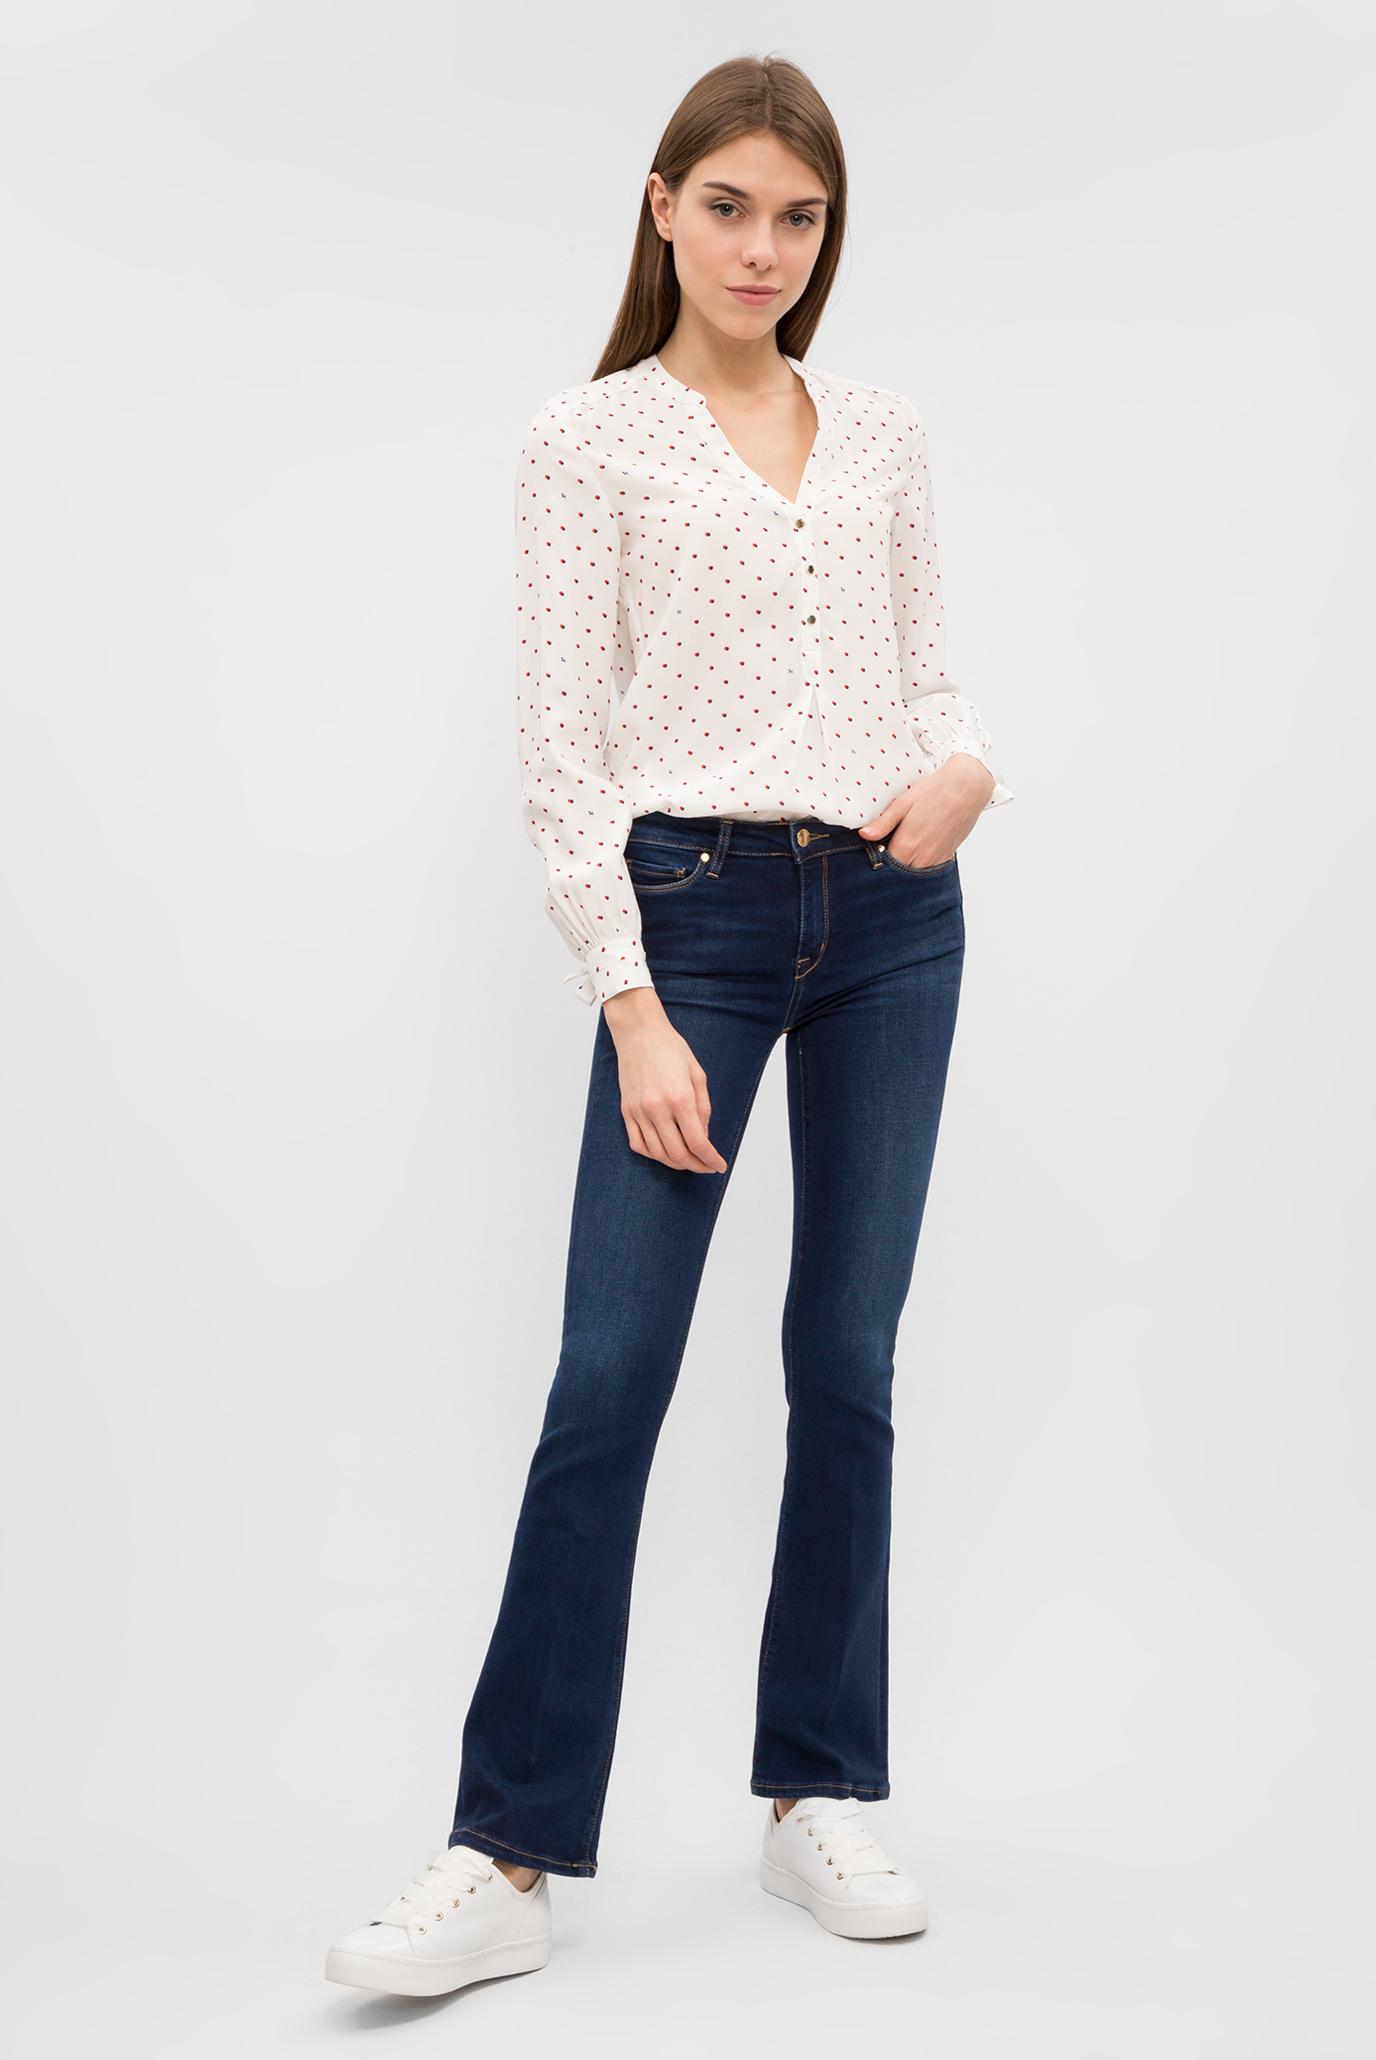 Купить Женская белая блуза в горошек Tommy Hilfiger Tommy Hilfiger WW0WW20858 – Киев, Украина. Цены в интернет магазине MD Fashion